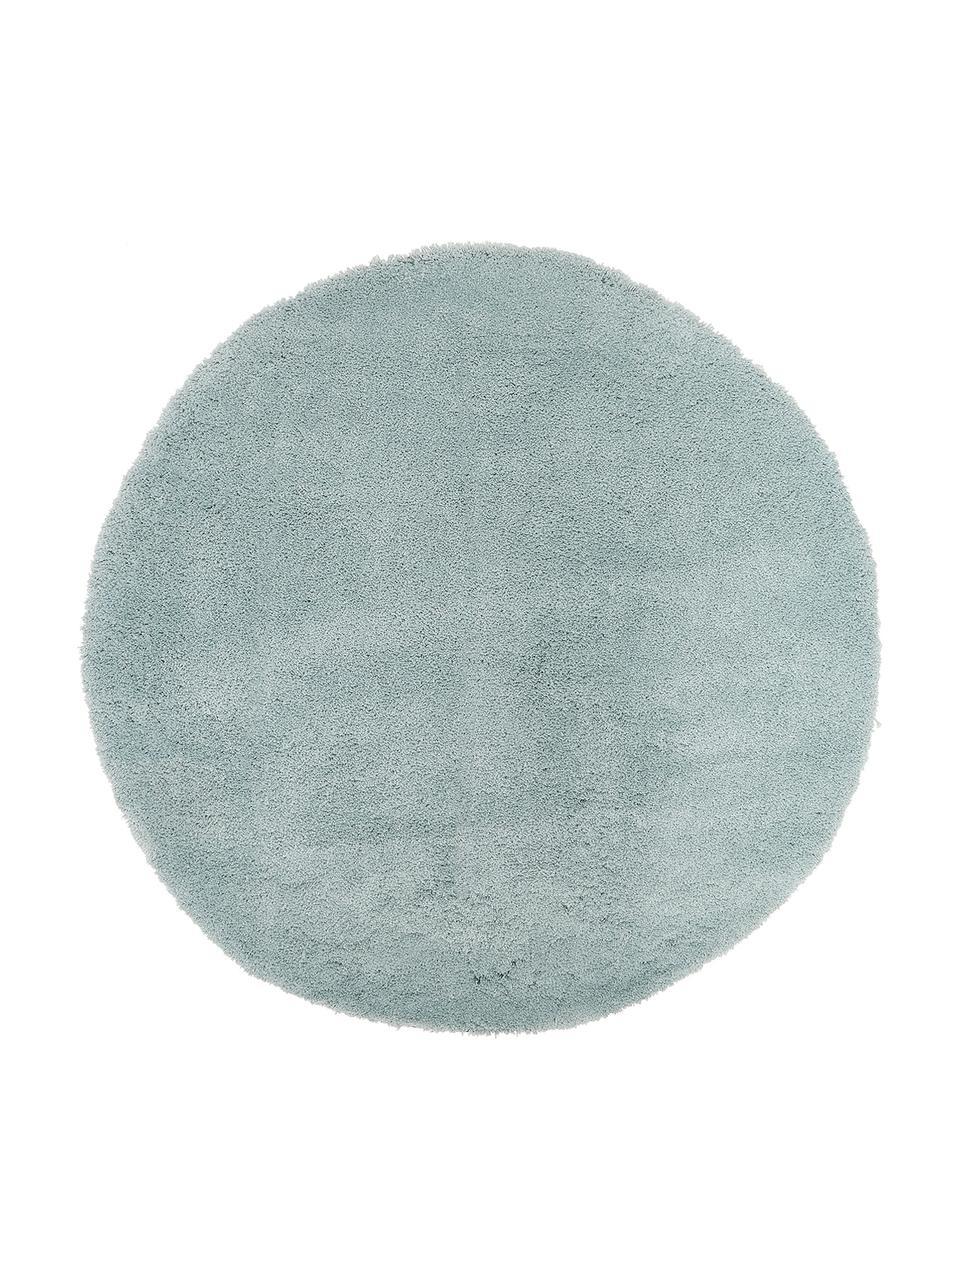 Okrągły puszysty dywan z wysokim stosem Leighton, Zielony miętowy, Ø 200 cm (Rozmiar L)